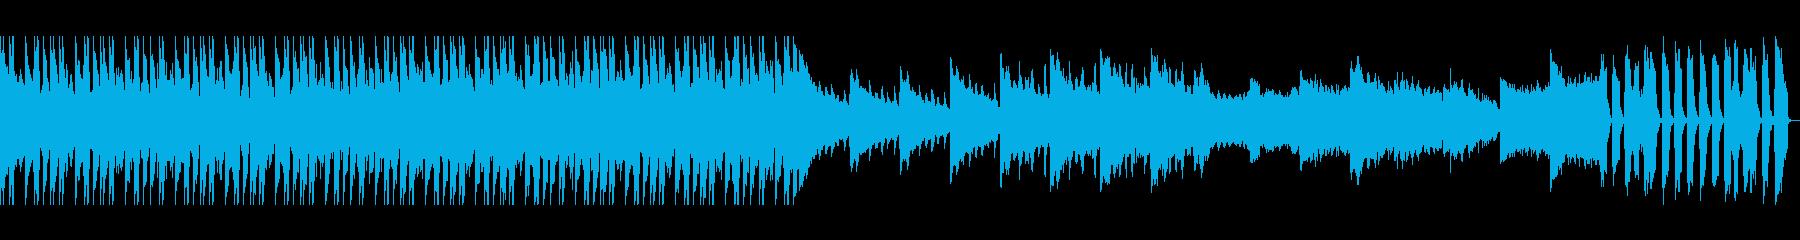 ピアノやシンセで夏の星空をイメージした曲の再生済みの波形